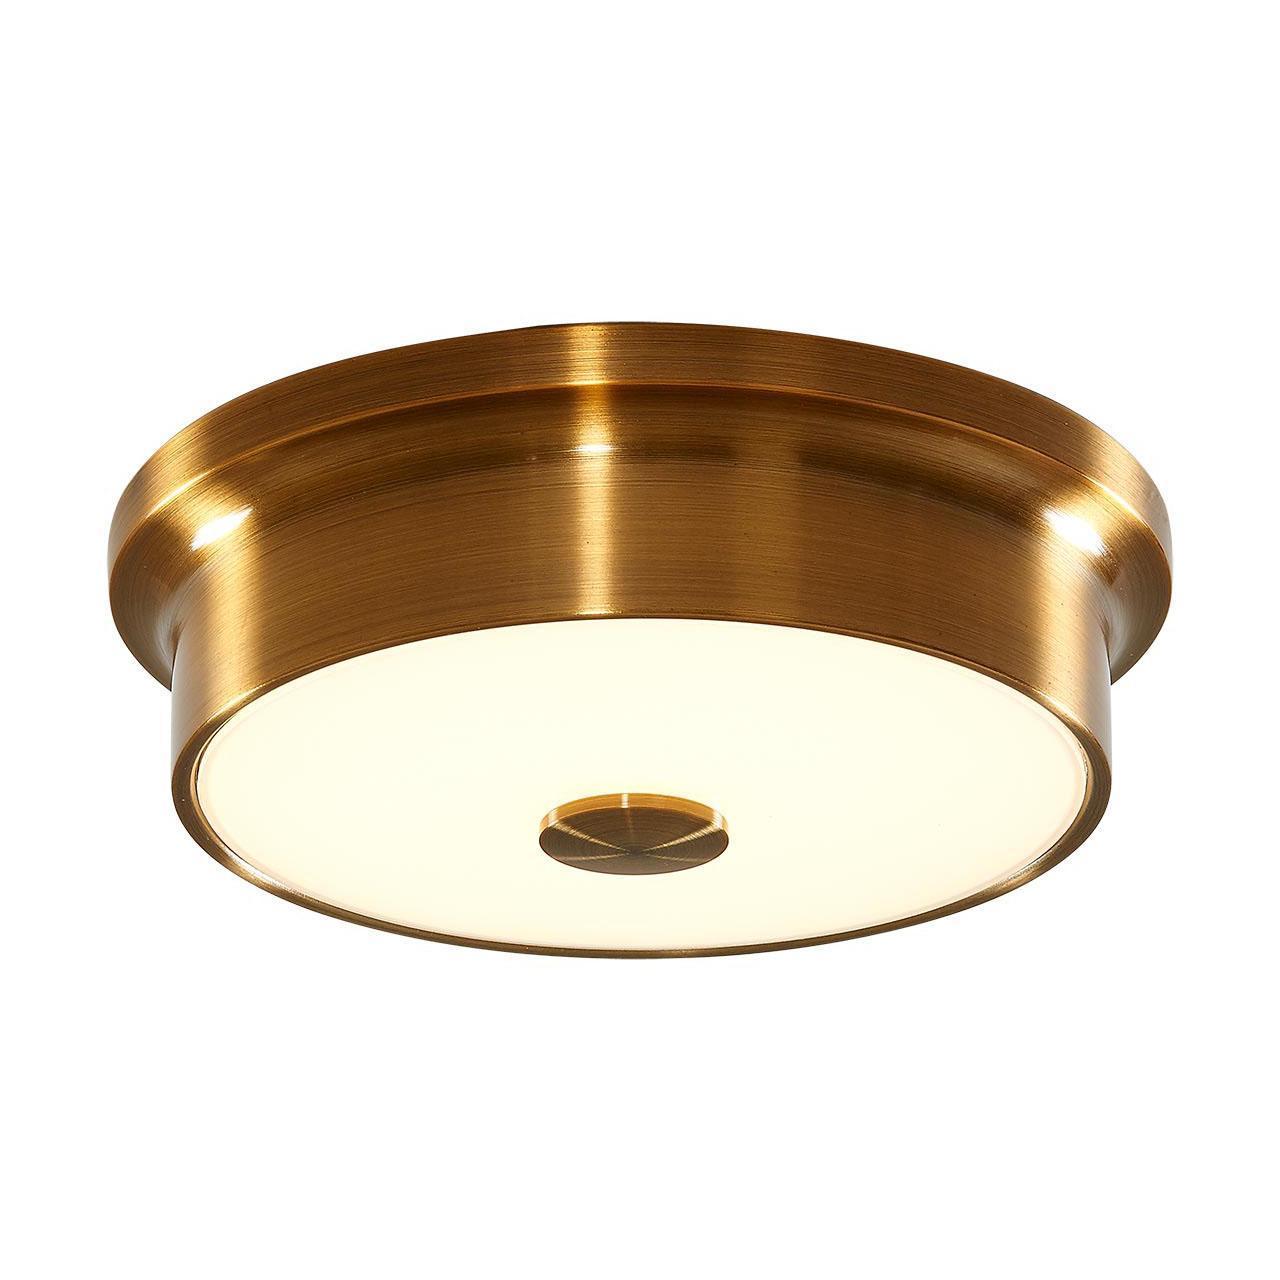 купить Потолочный светодиодный светильник Citilux Фостер-2 CL706212 по цене 3200 рублей